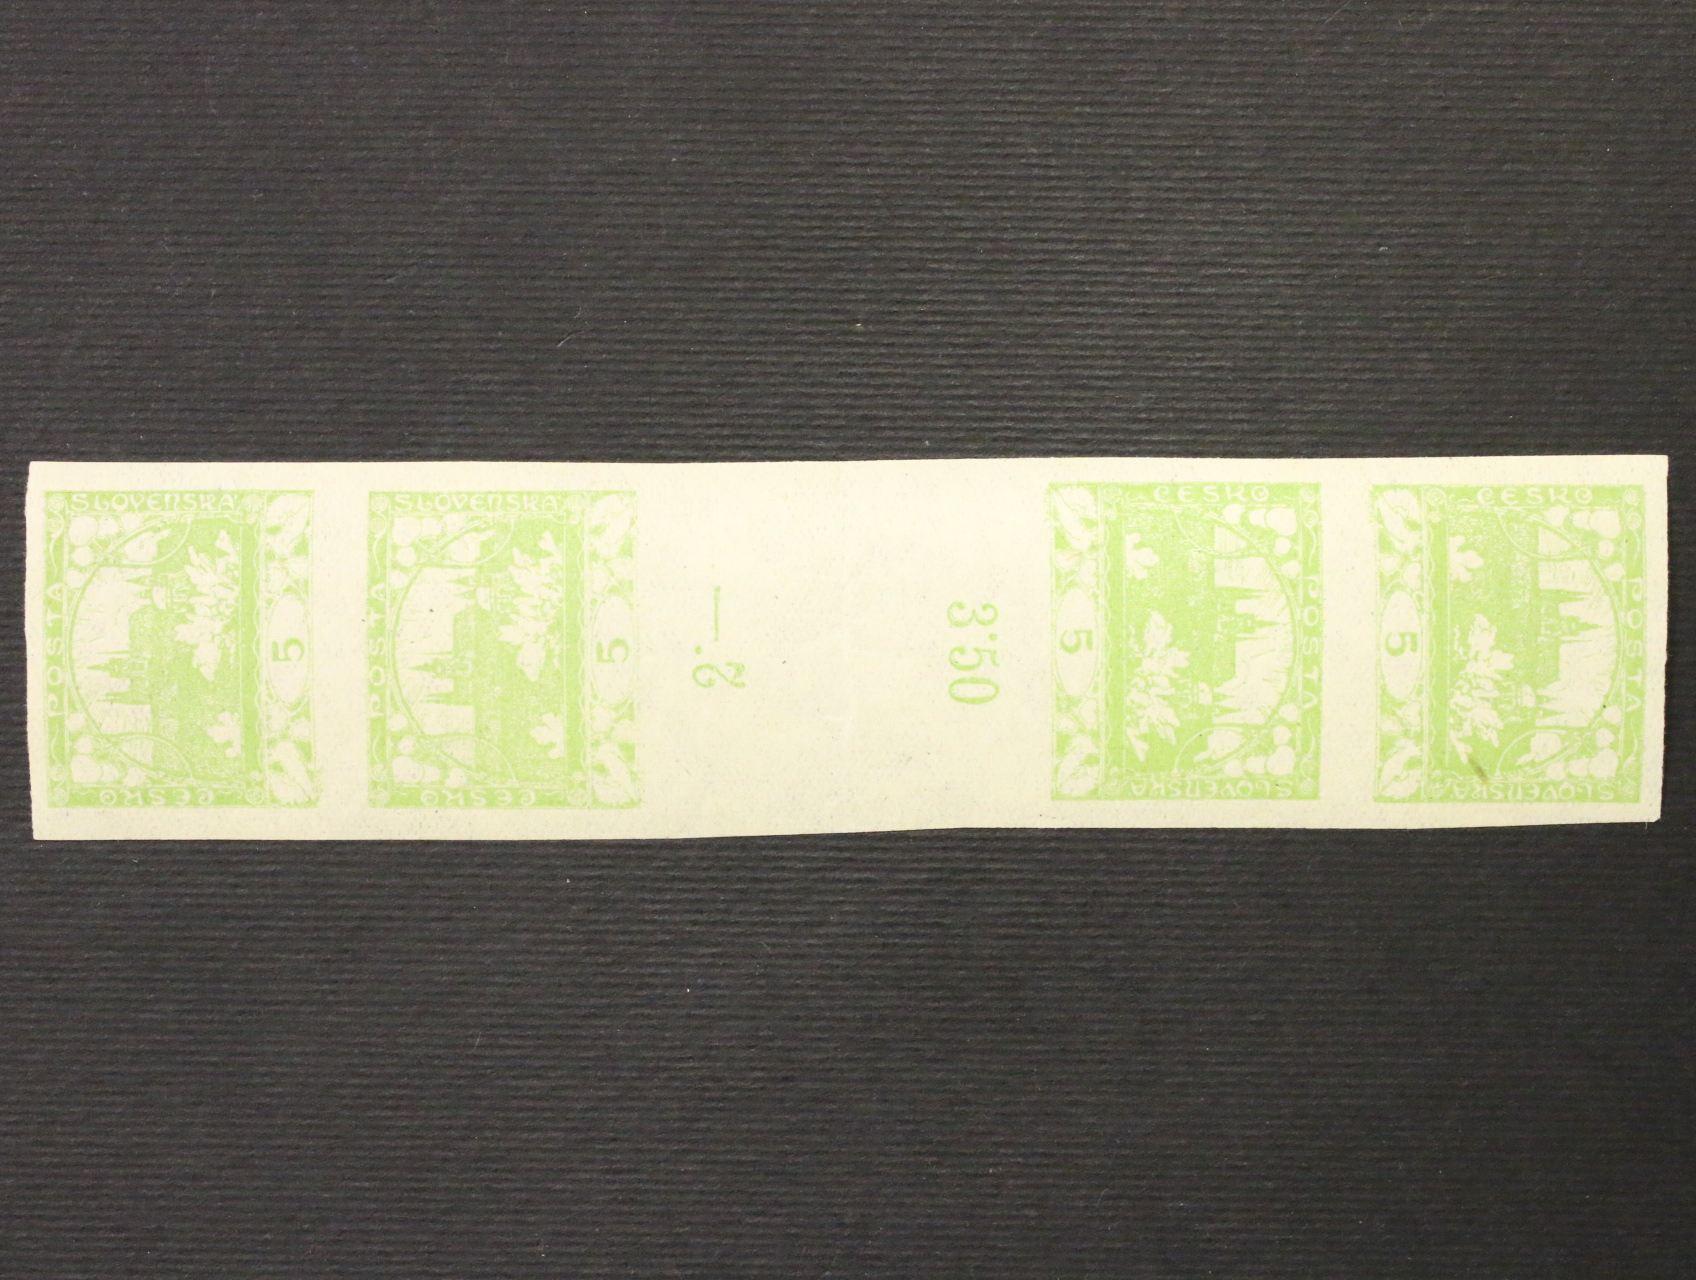 zn. č. 3 M - čtyřzn. meziarší protisměrné, uprostřed lehce přeložené, zk. Karásek